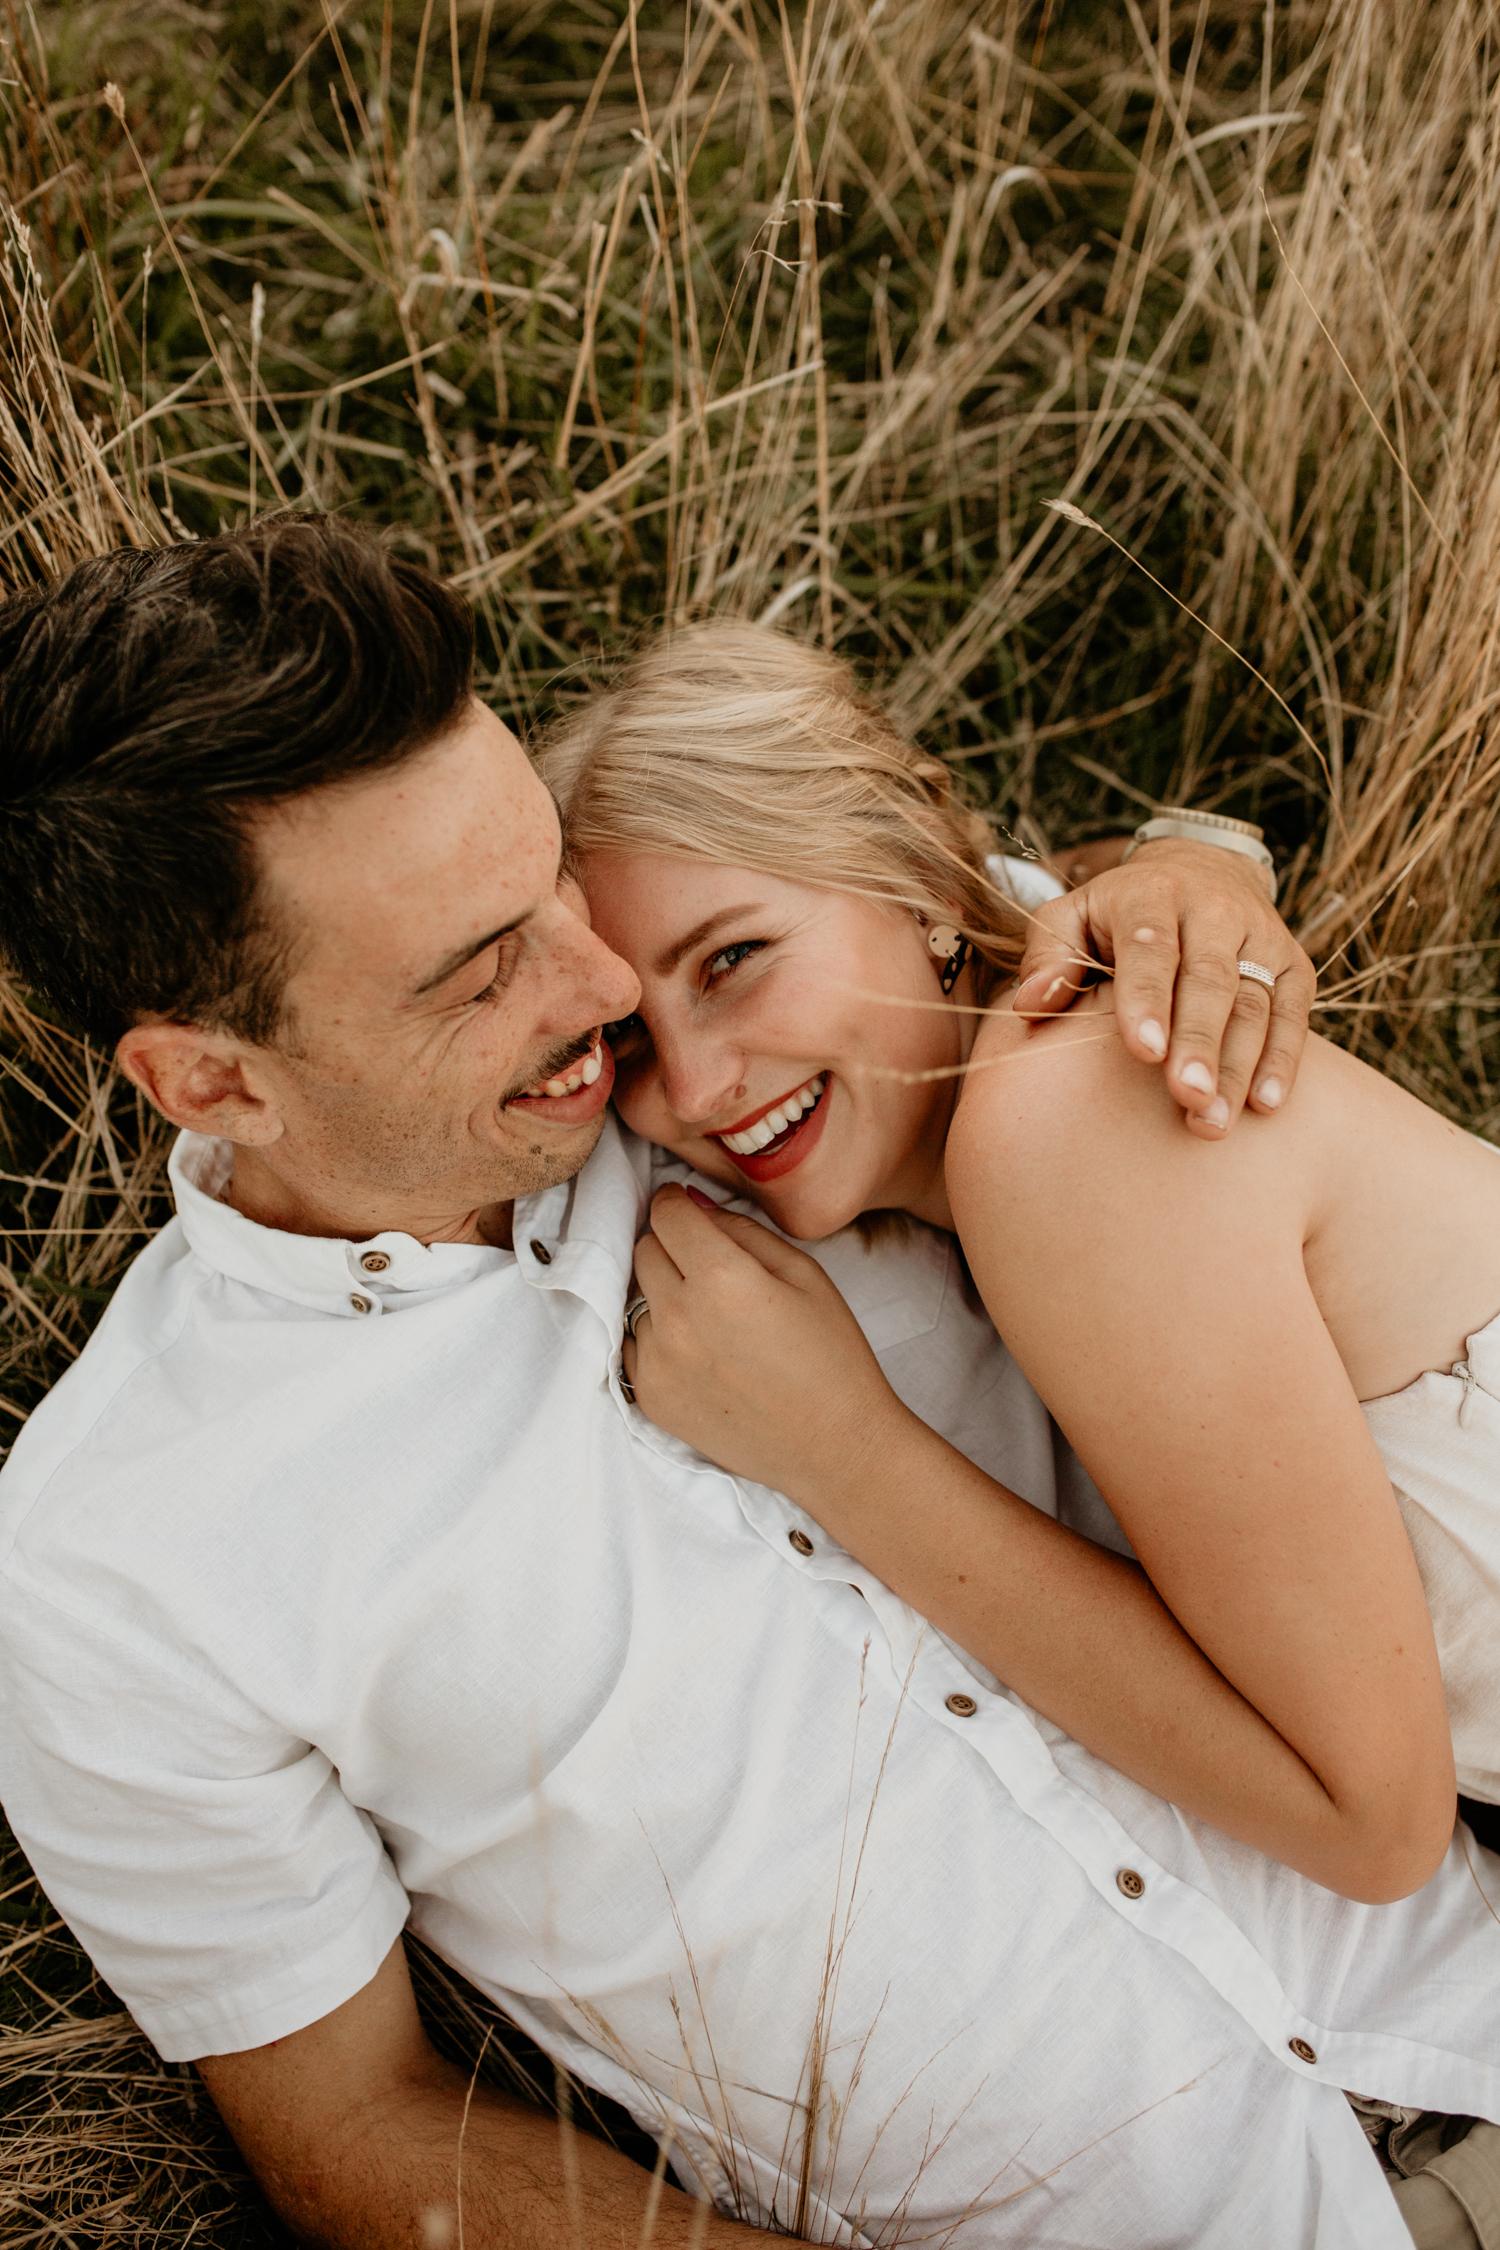 NessChrisWatson-NewZealandPhotographer-GoldenHour-Couple-Adventure-6158.jpg